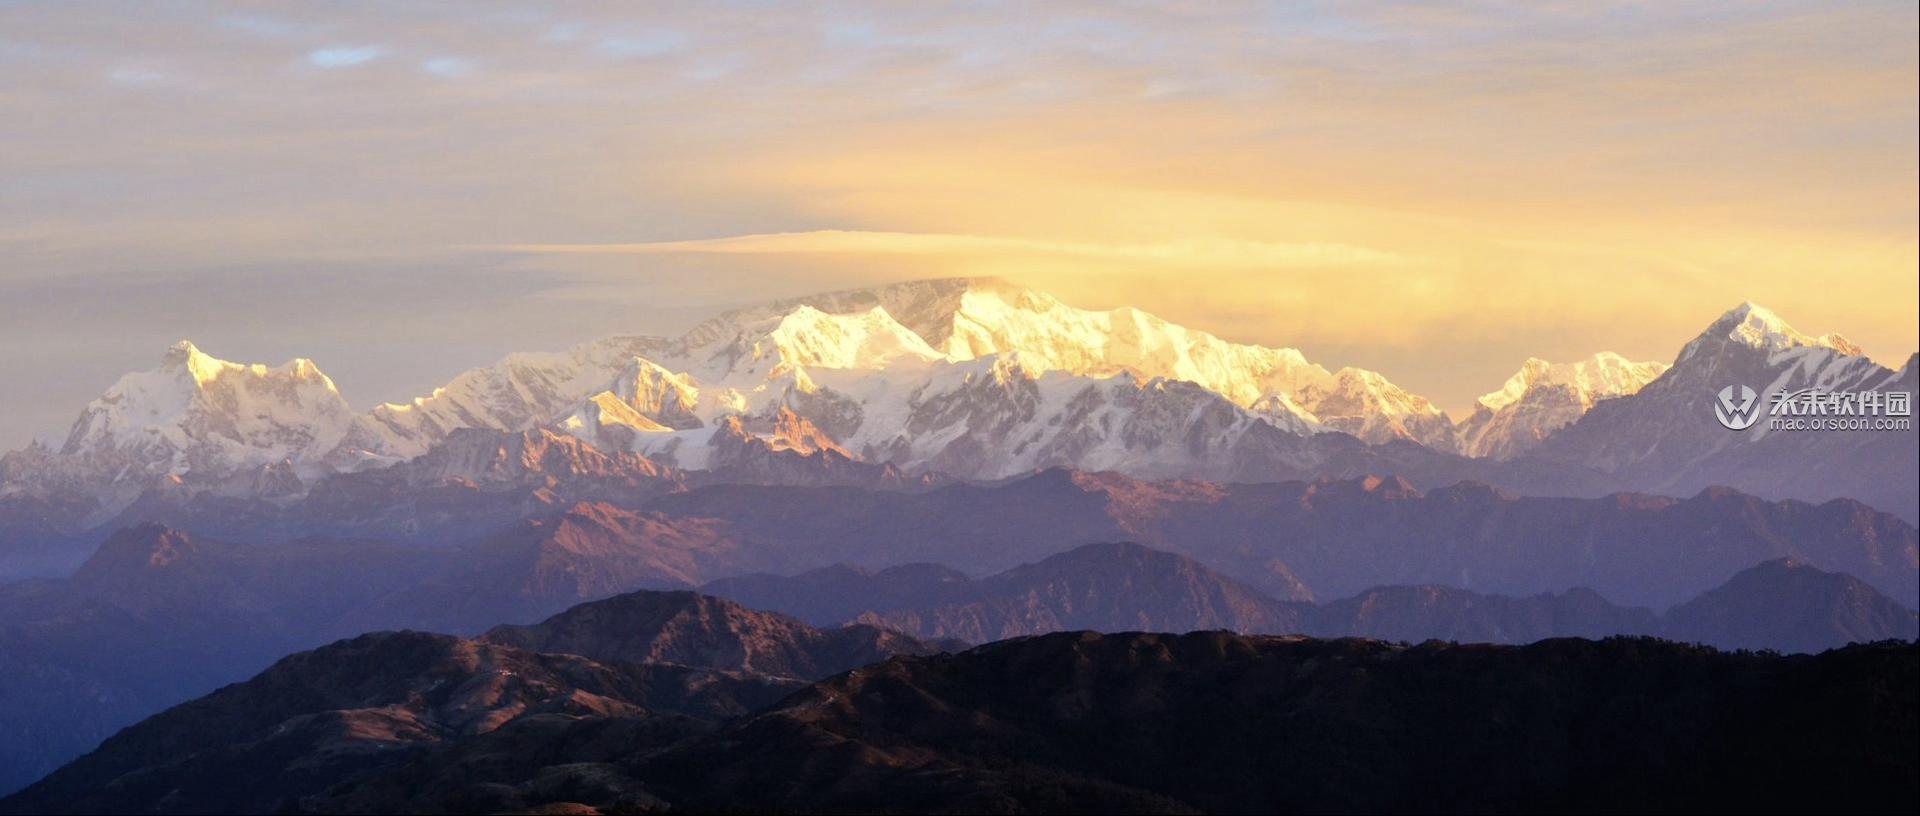 喜马拉雅山脉景观3k动态壁纸